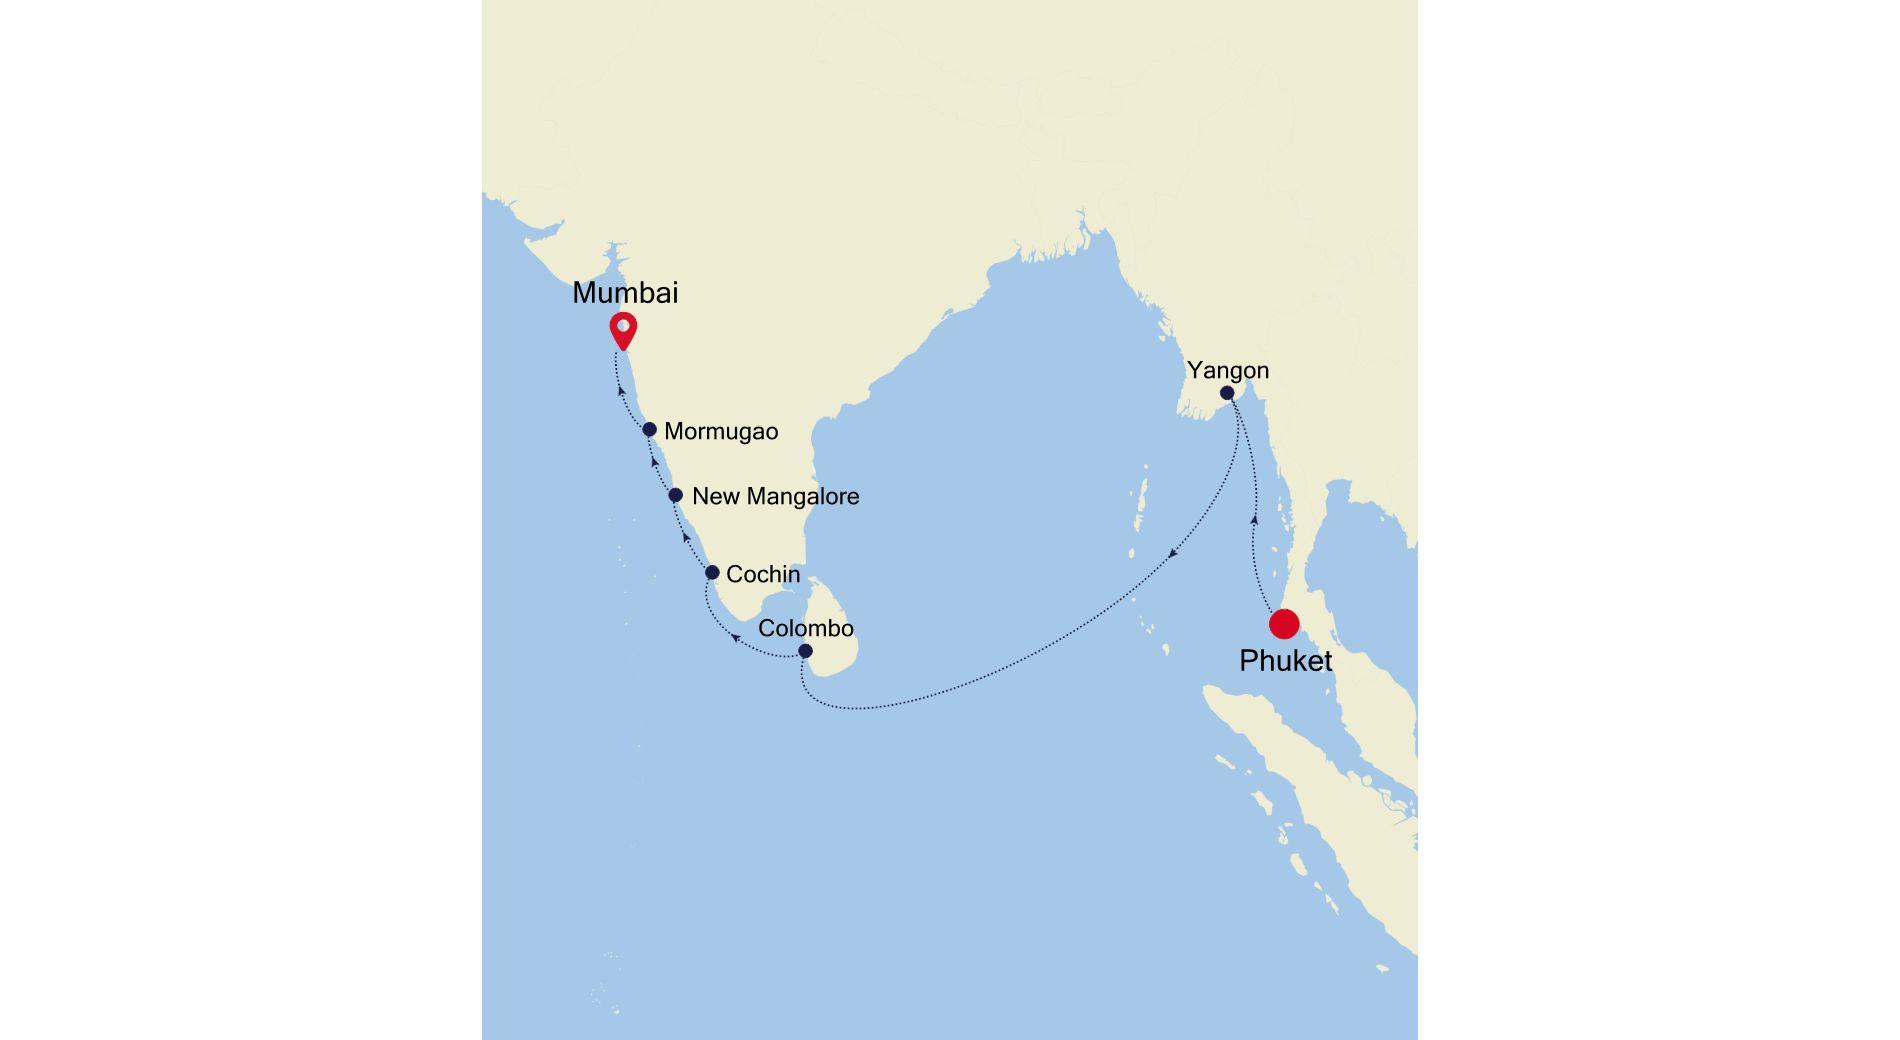 MO220217S15 - Phuket à Mumbai